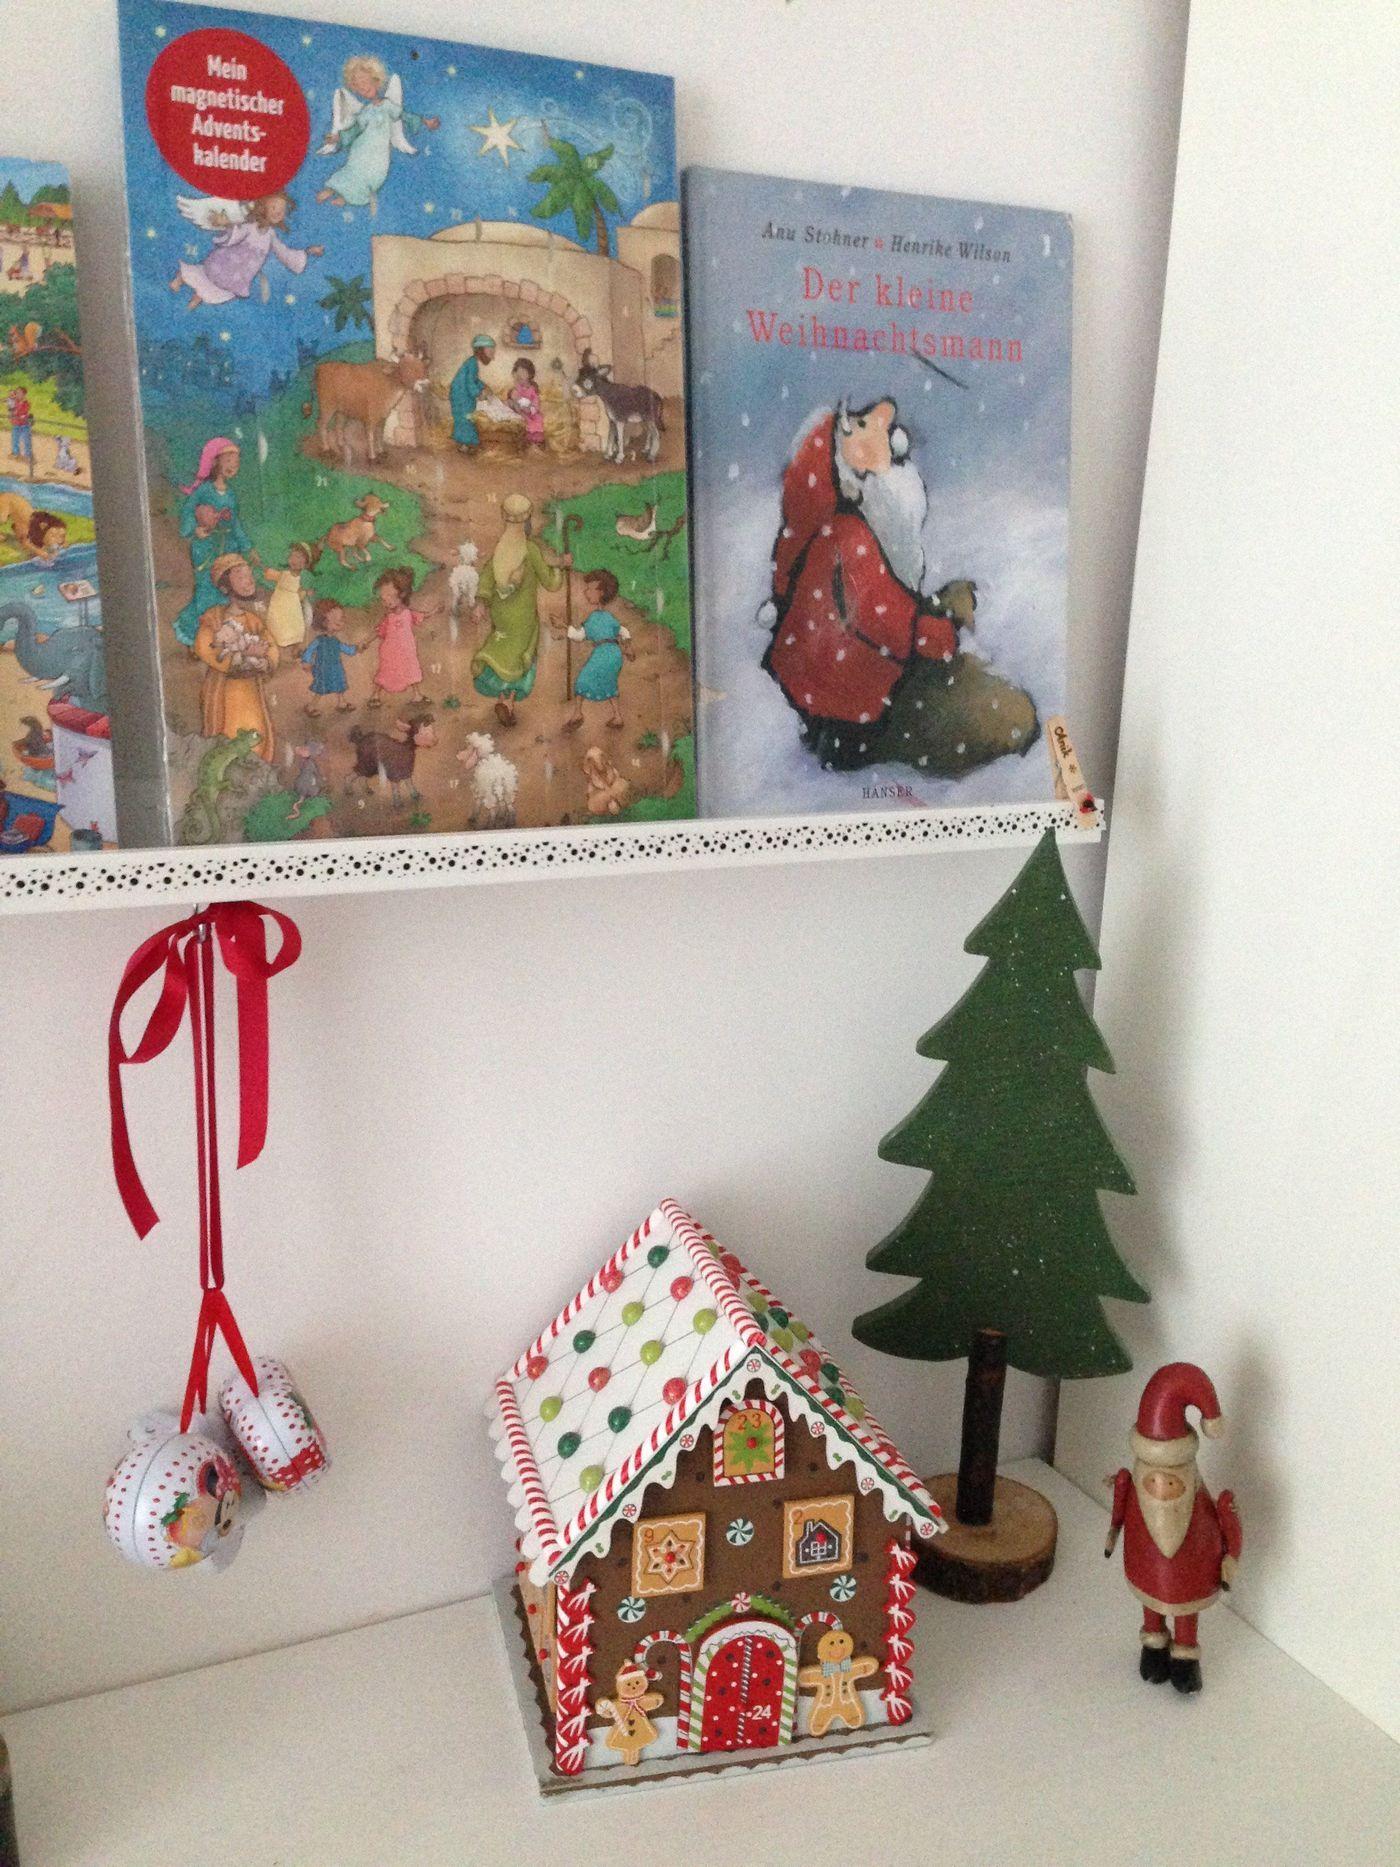 Weihnachtsdeko Kinderzimmer.Die Schönsten Ideen Für Deine Weihnachtsdeko Seite 305